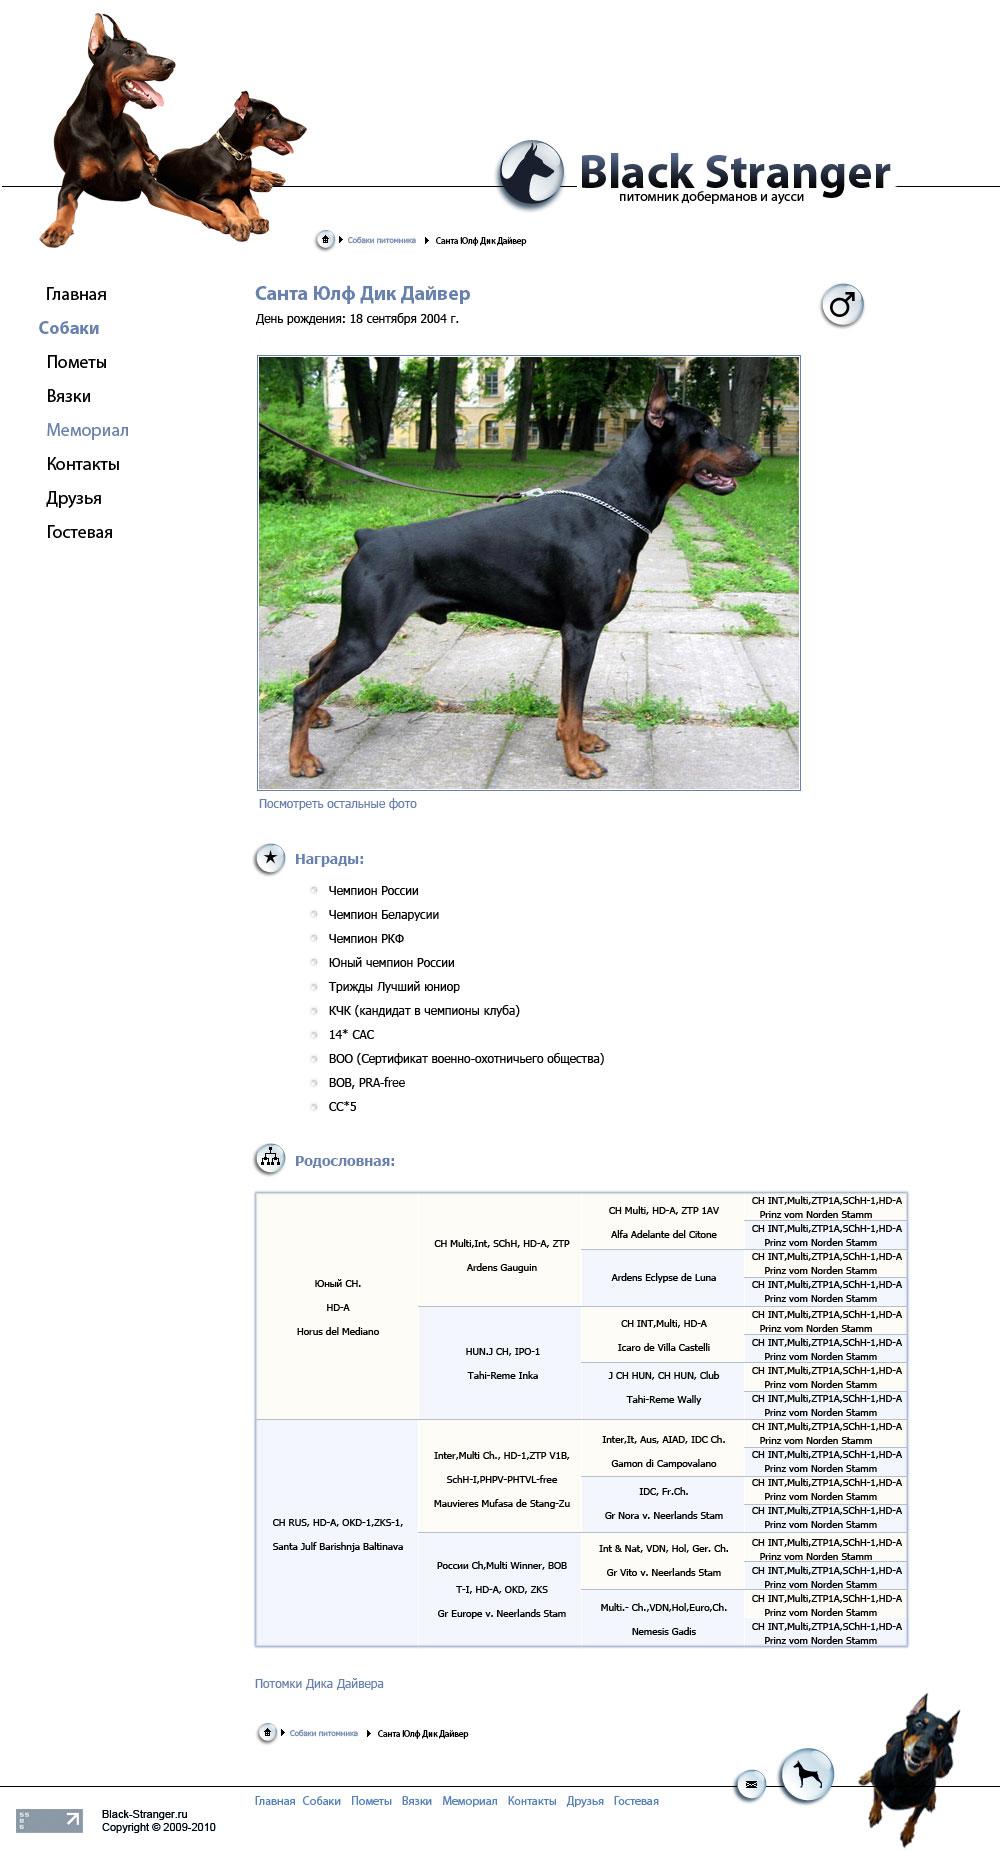 макет сайта питомника доберманов Black Stranger (стр. 3 уровня)